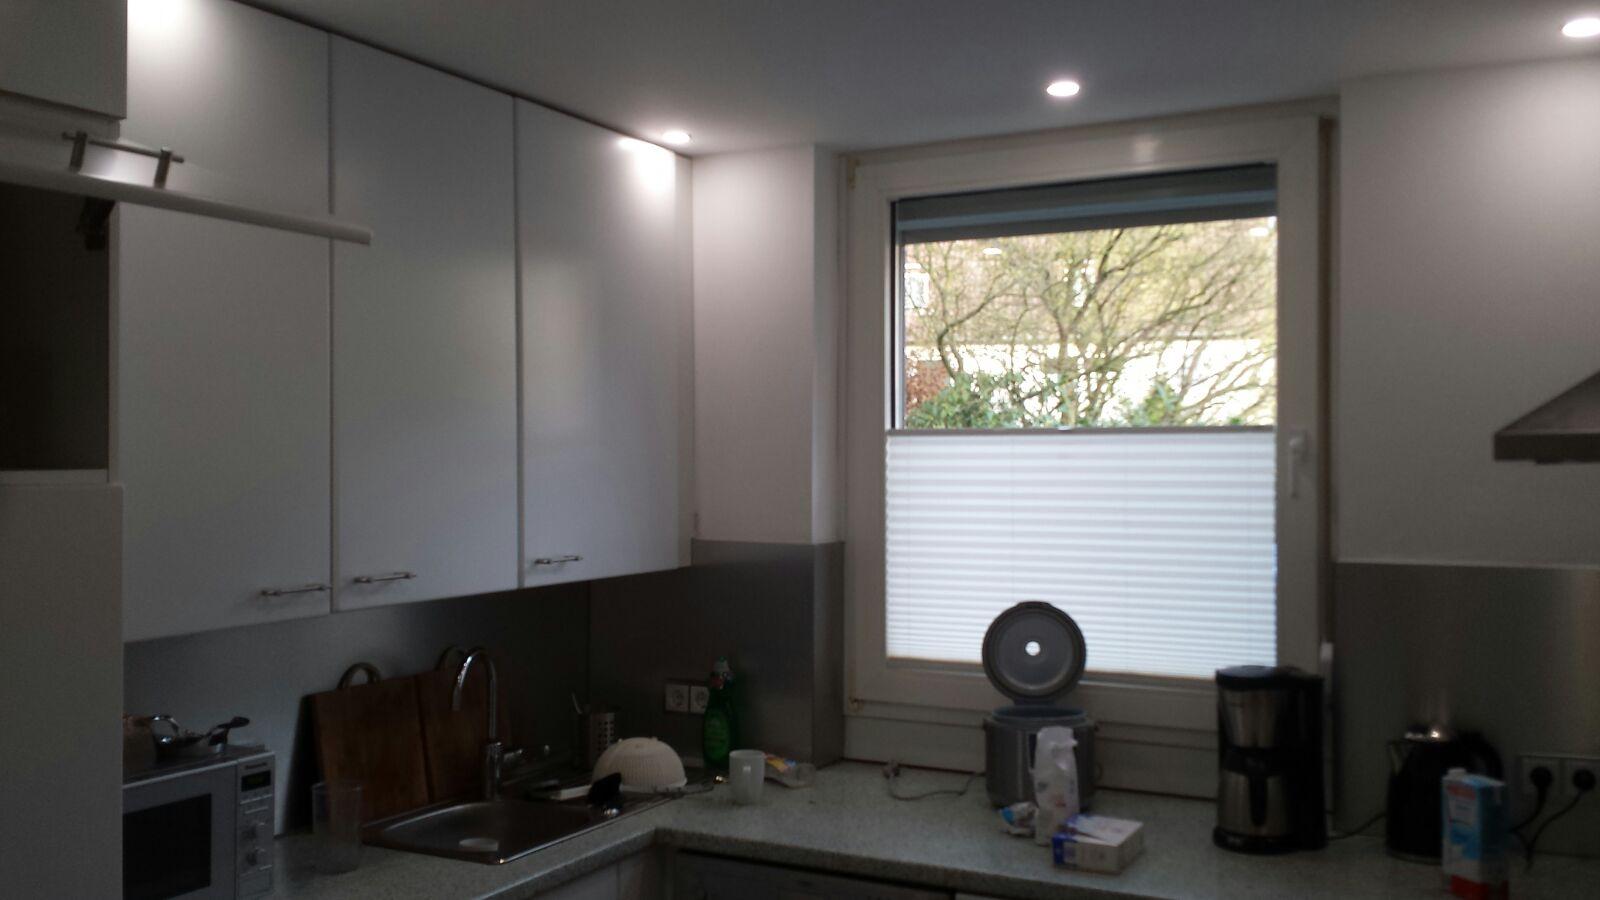 Folierung von Küchen, Türen, Möbel ...